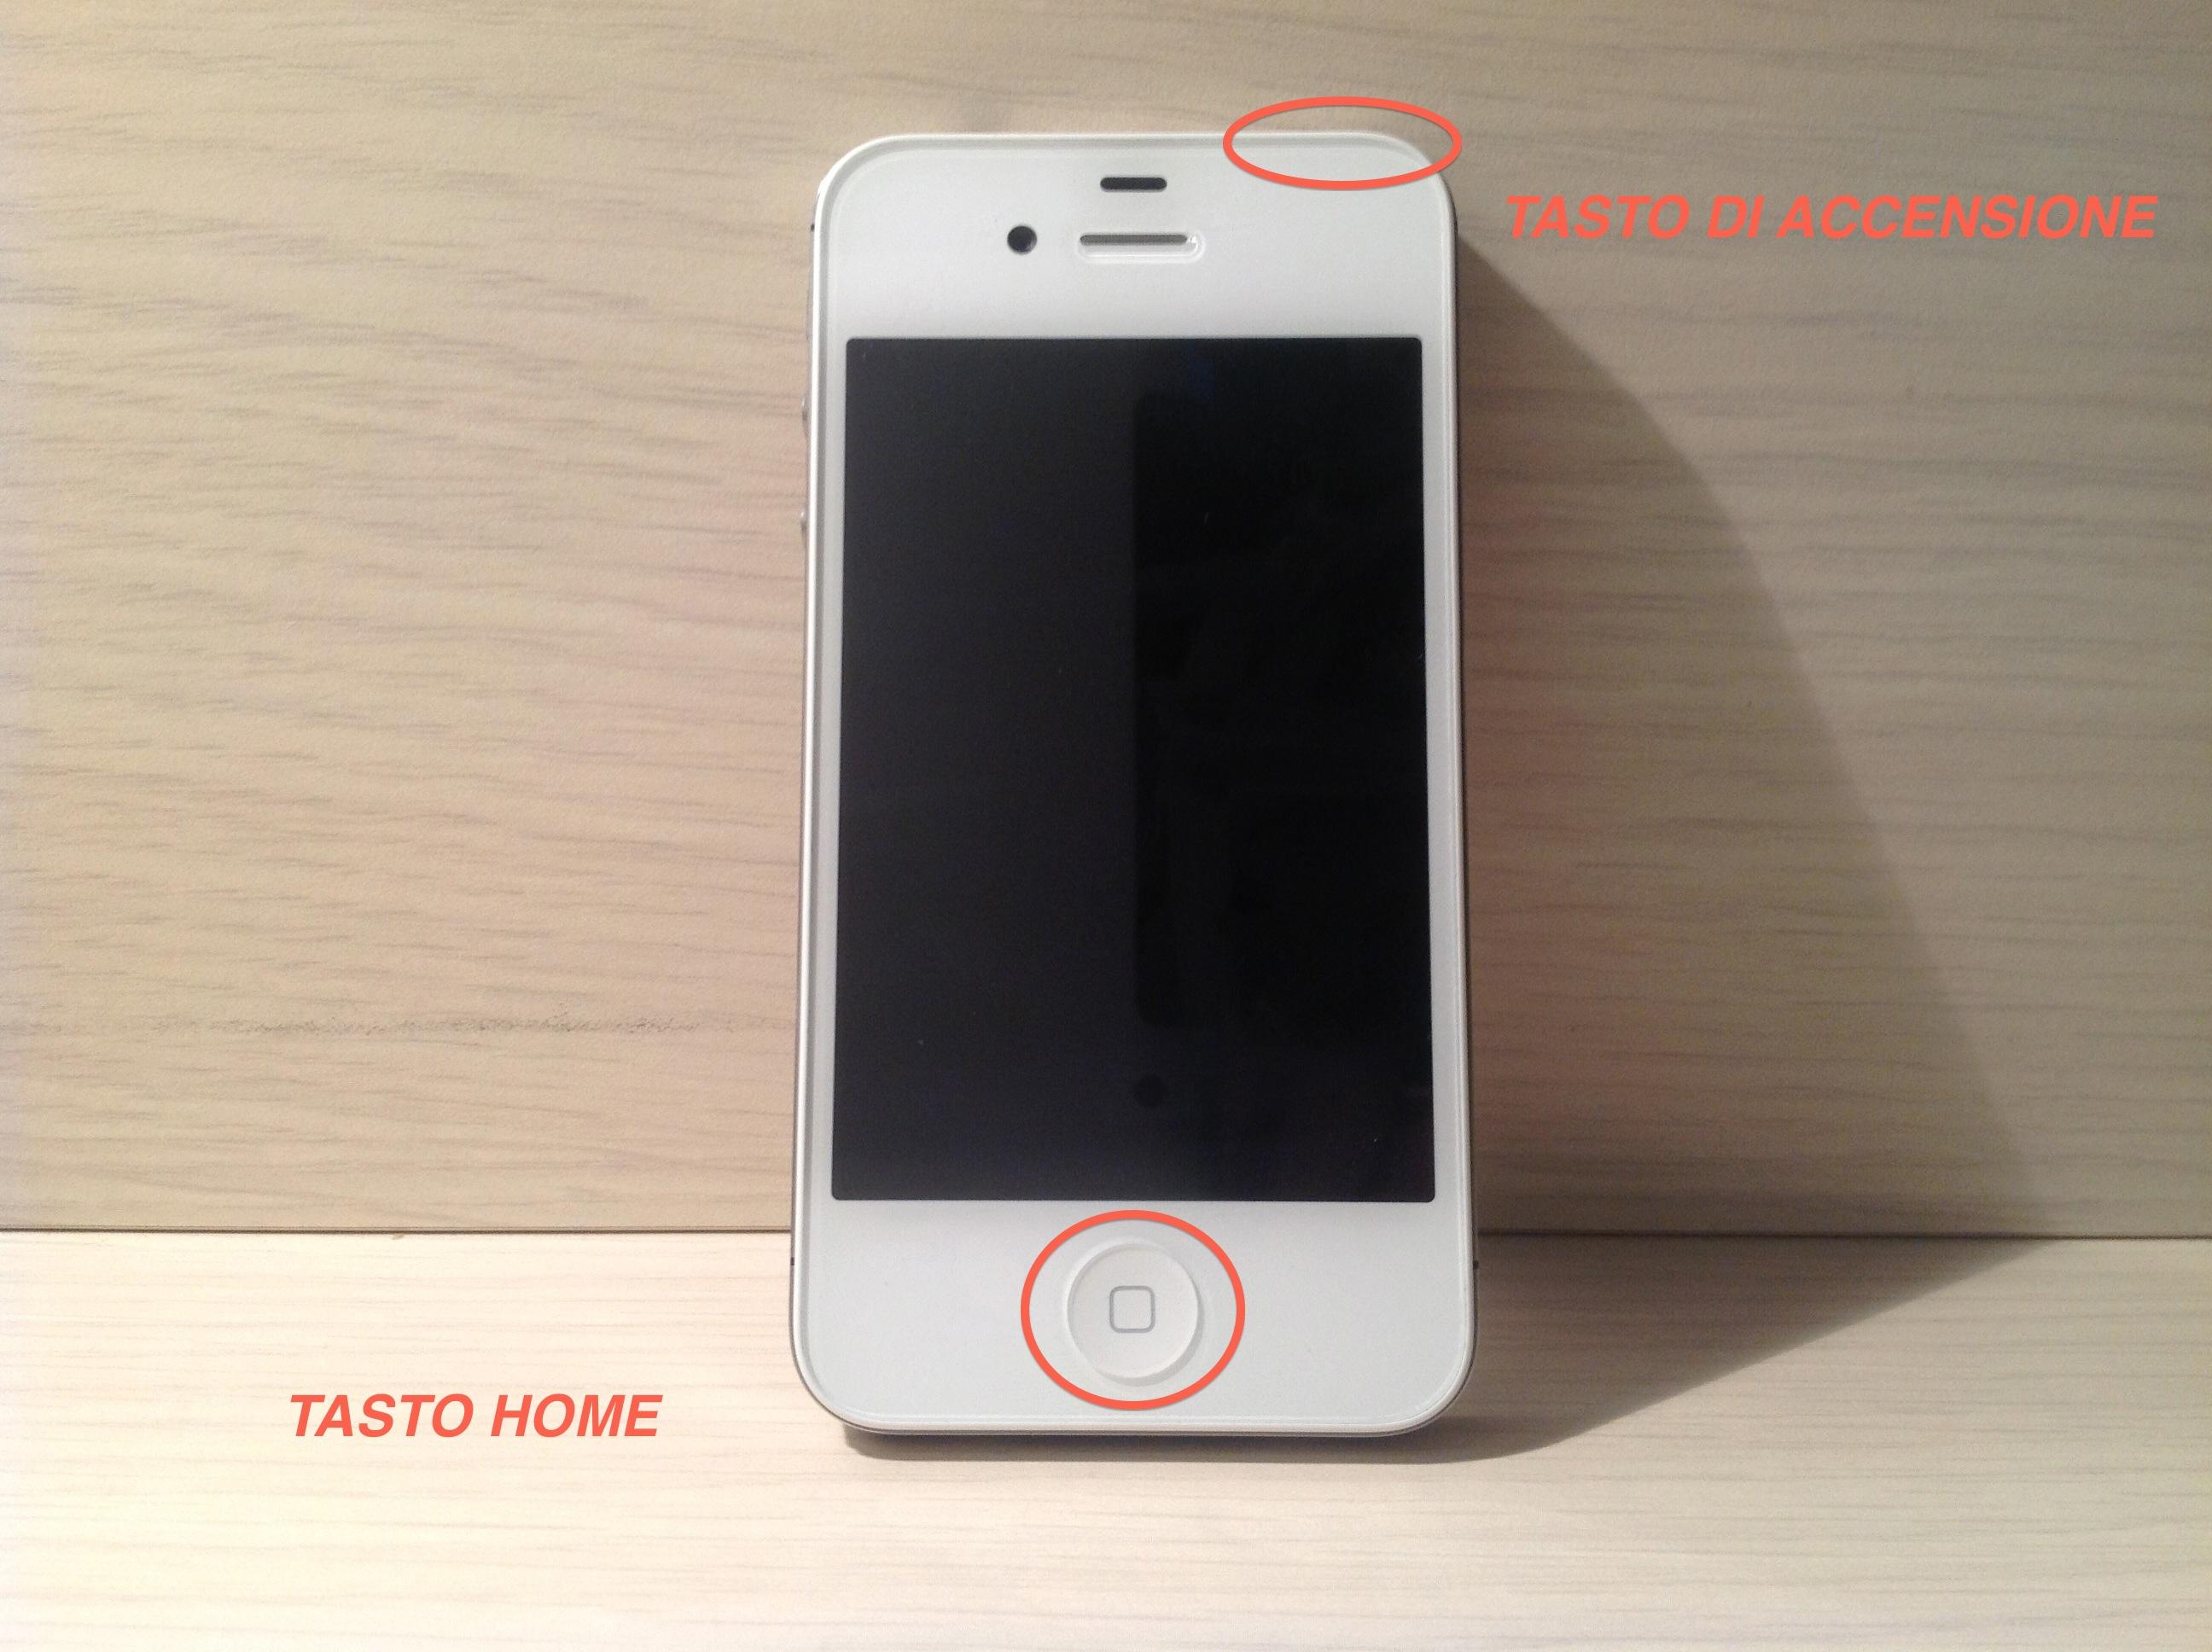 cosa trovo nella confezione iphone 7